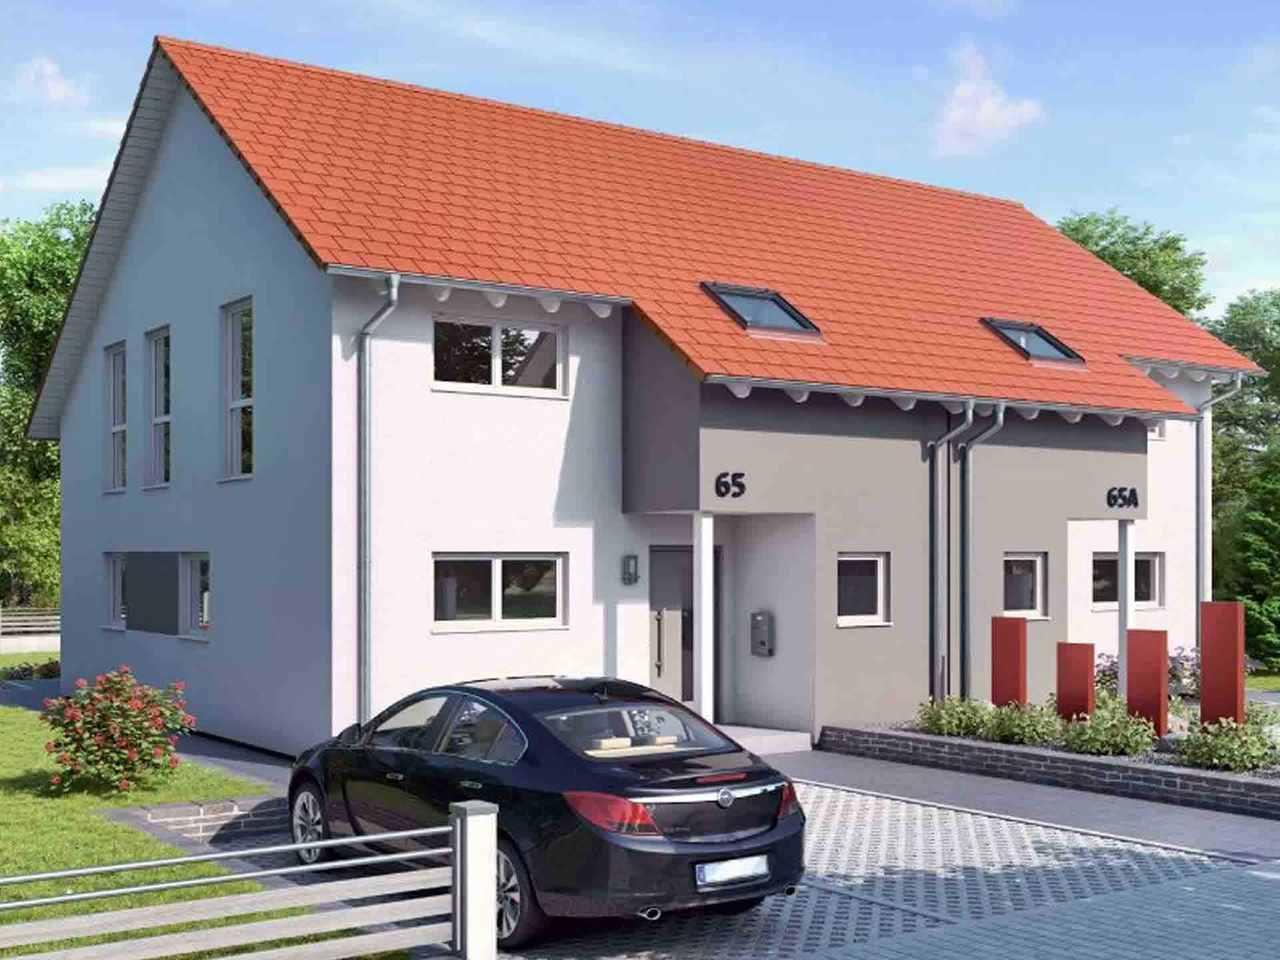 Doppelhaus Duett-D-130 1,5 - Schwabenhaus